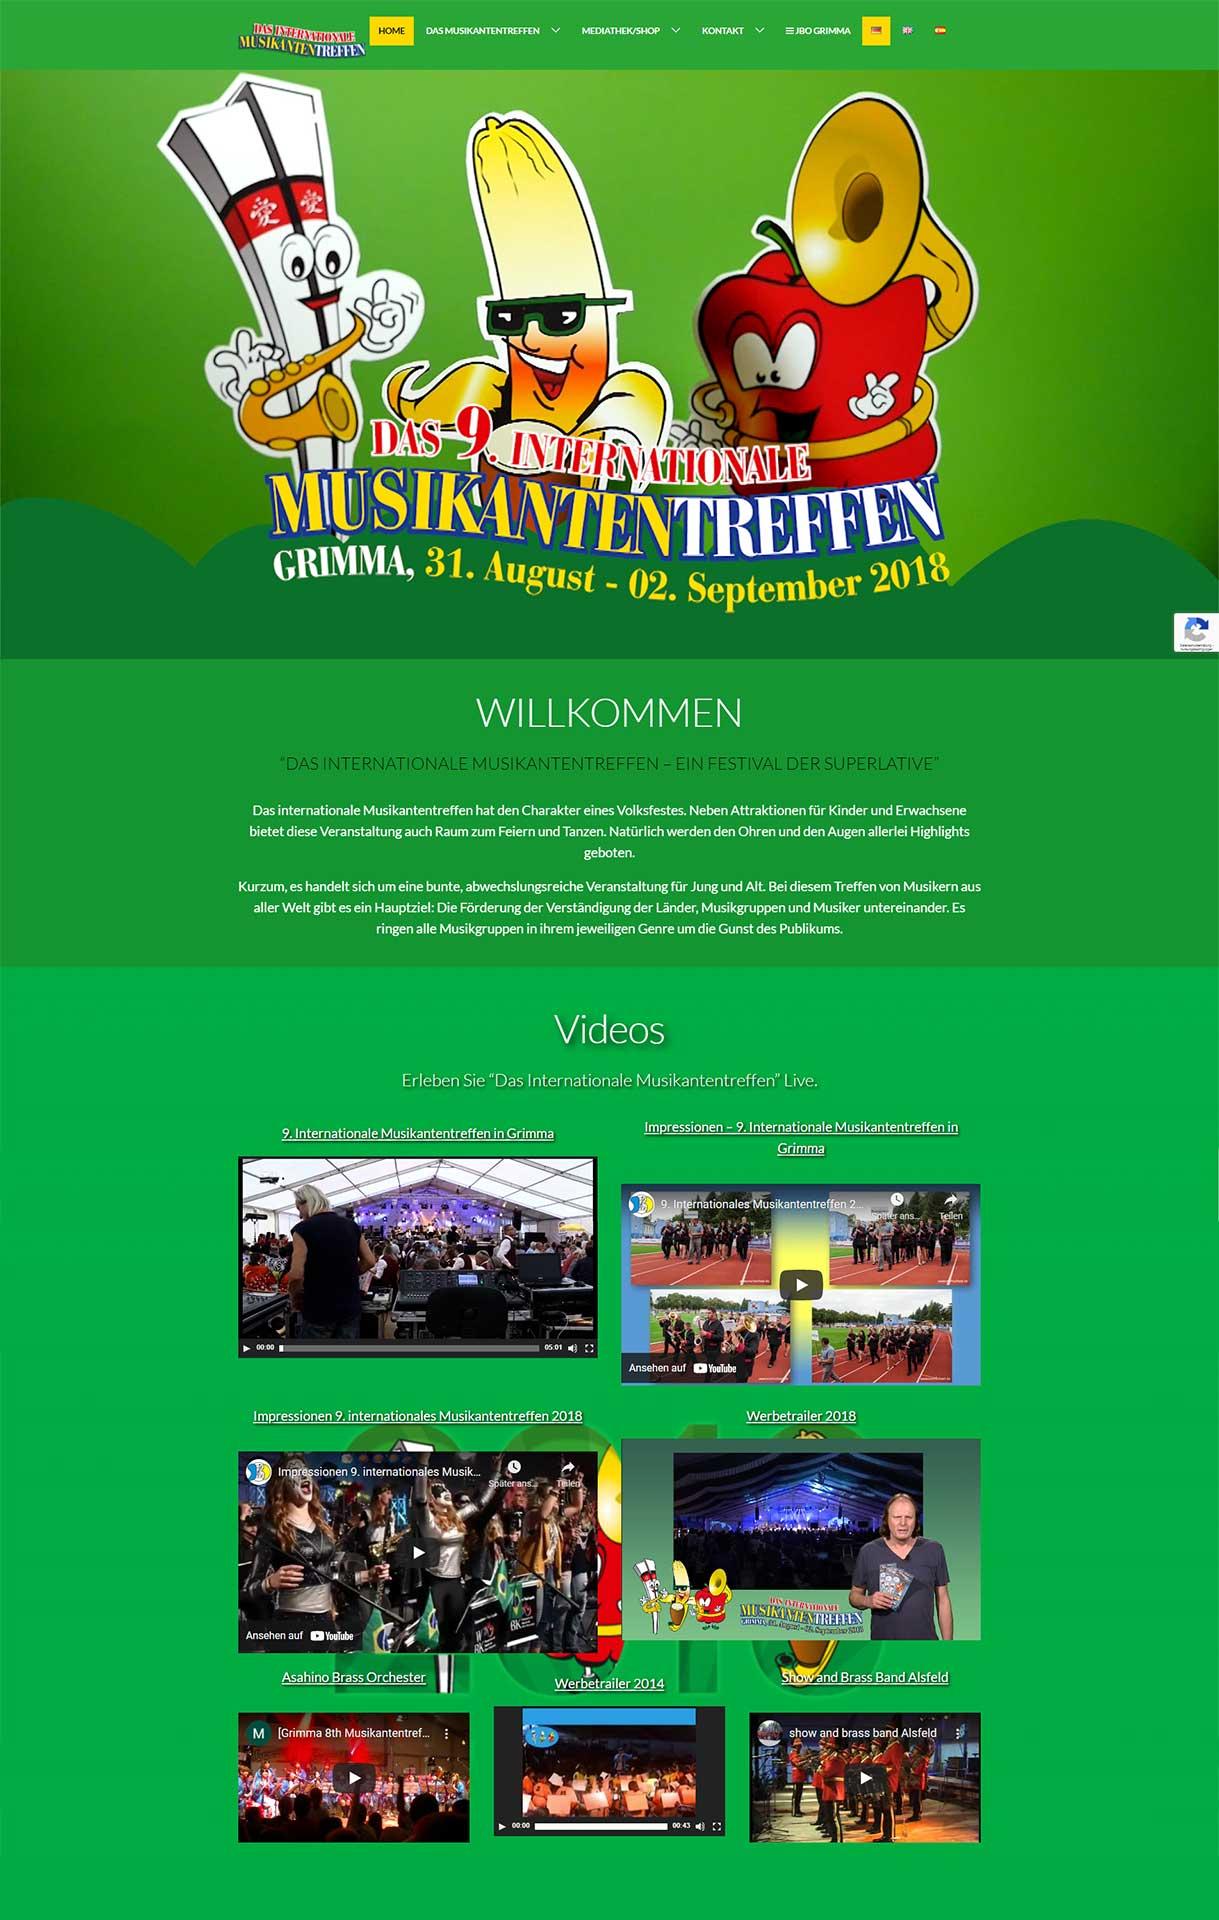 webdesign-flashlightmedia-werbeagentur-leipzig-grimma-startseite-musikantentreffen-webseite